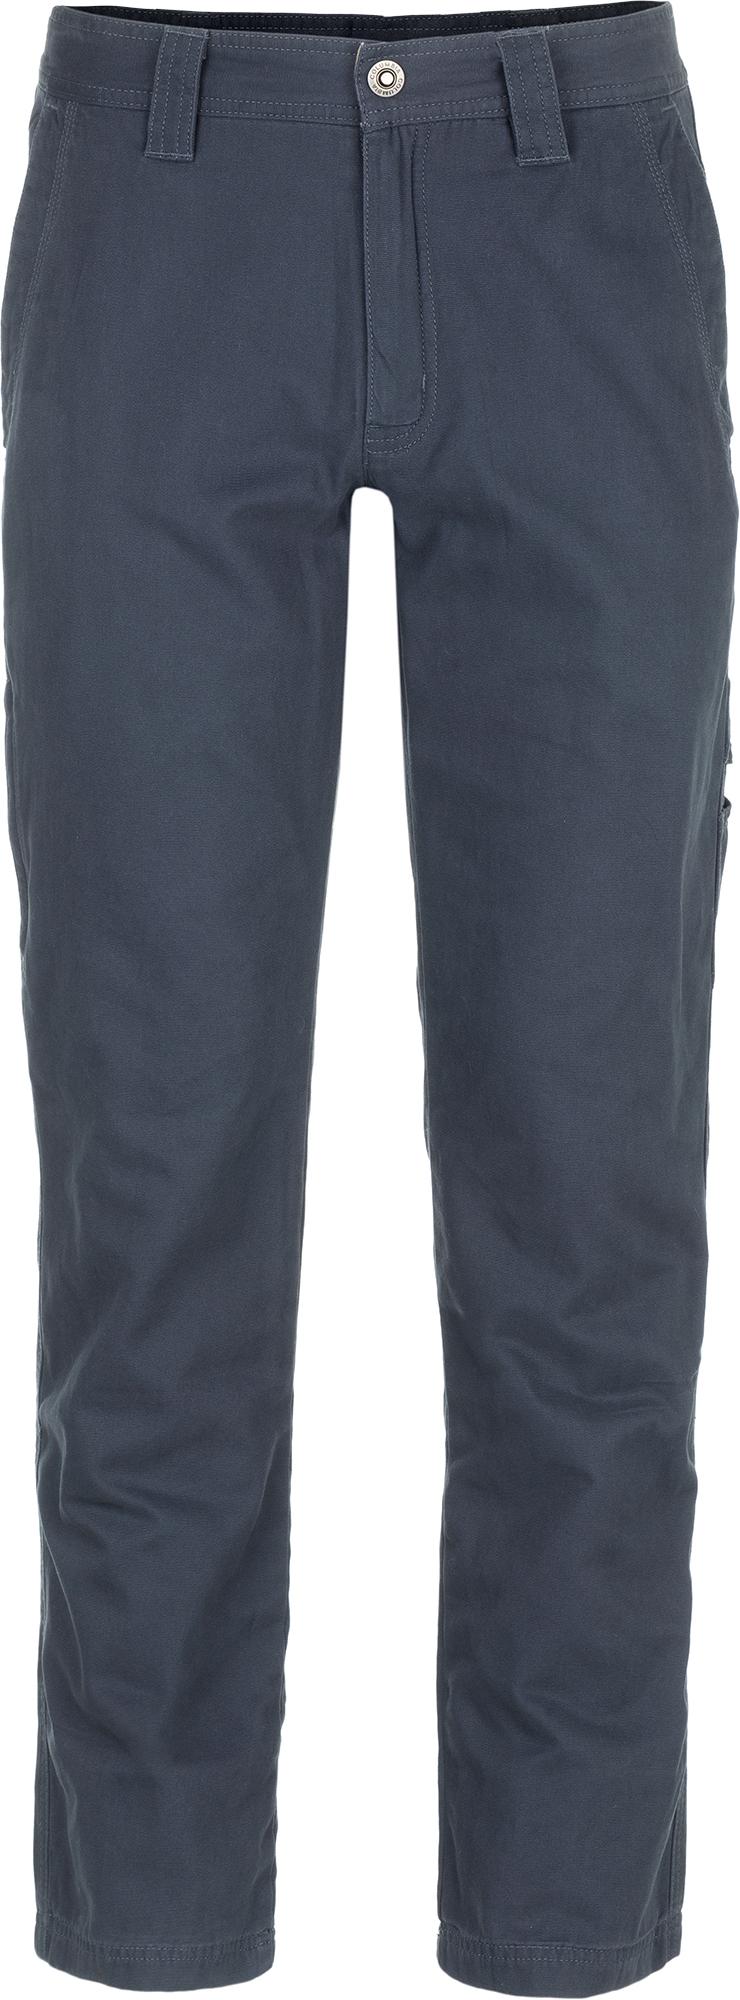 Columbia Брюки утепленные мужские Columbia Roc брюки мужские классические